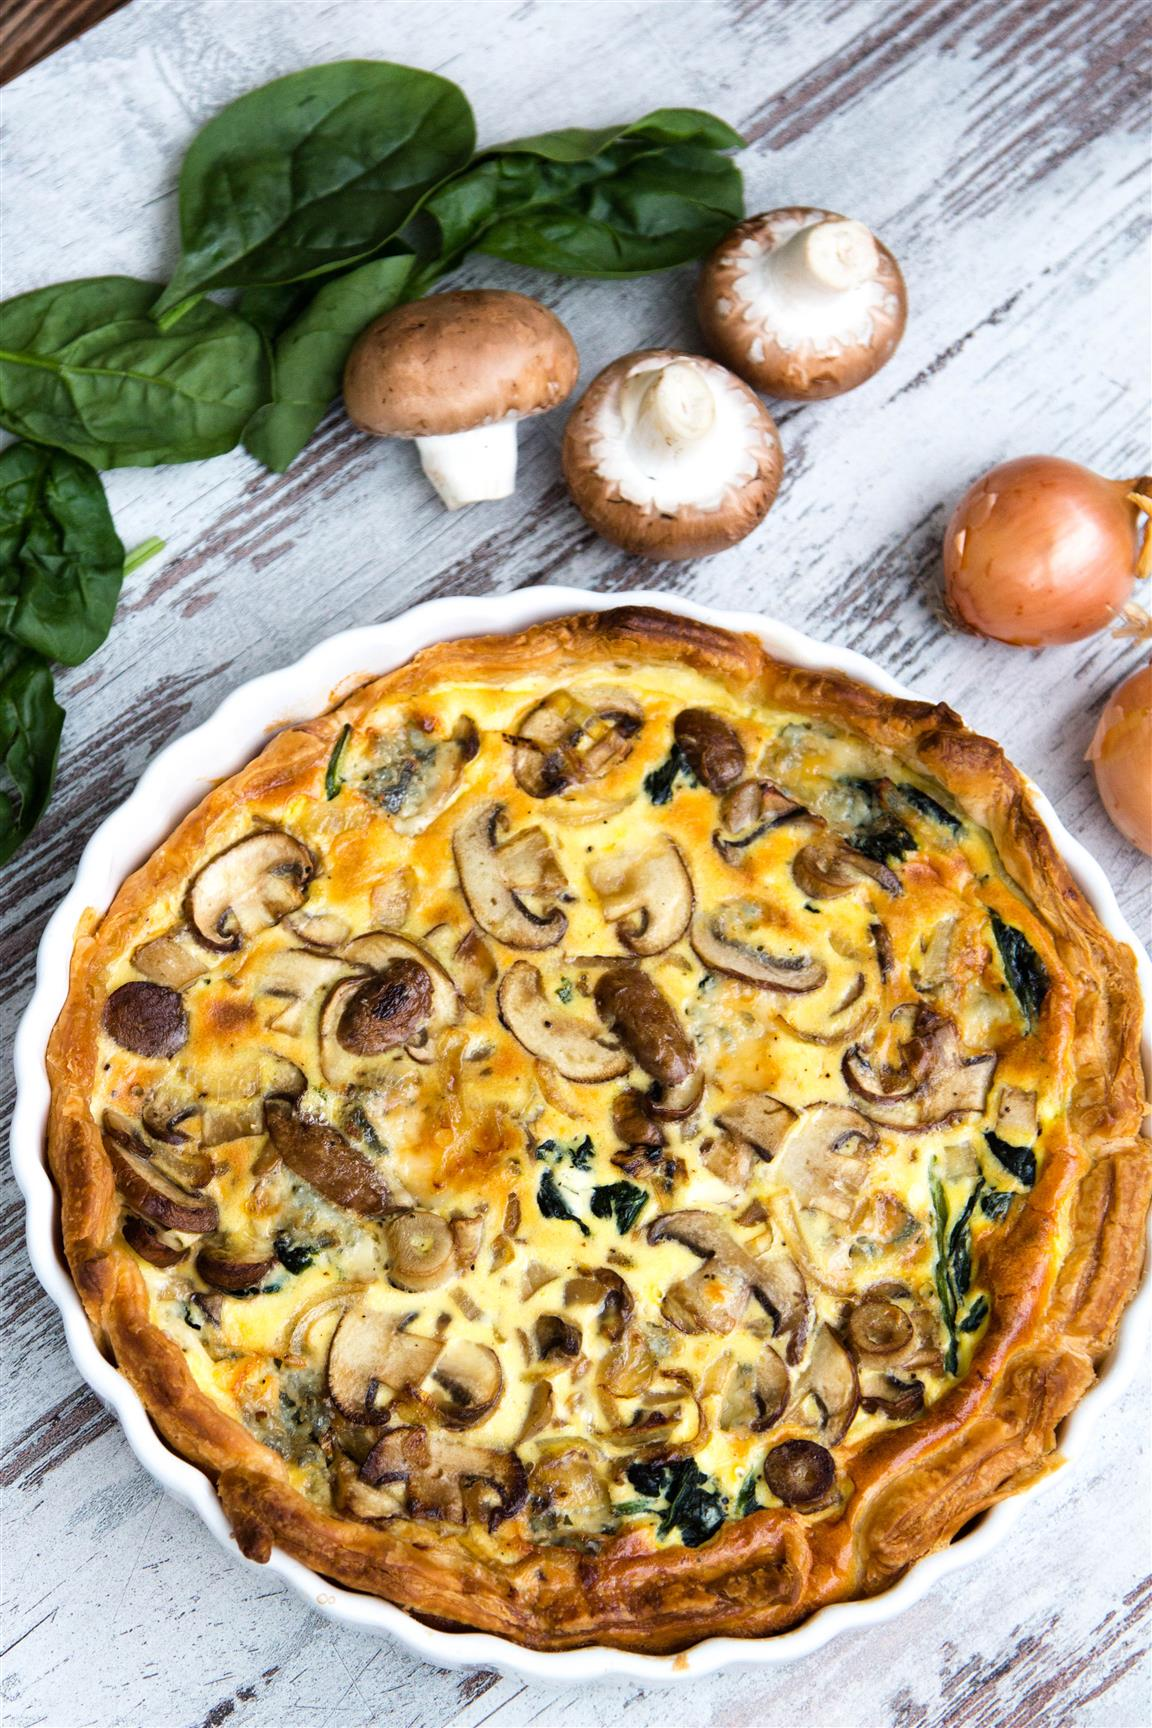 rezept-quiche-mit-spinat-zwiebeln-champignons-gorgonzola-ei-creme-fraiche-06-1